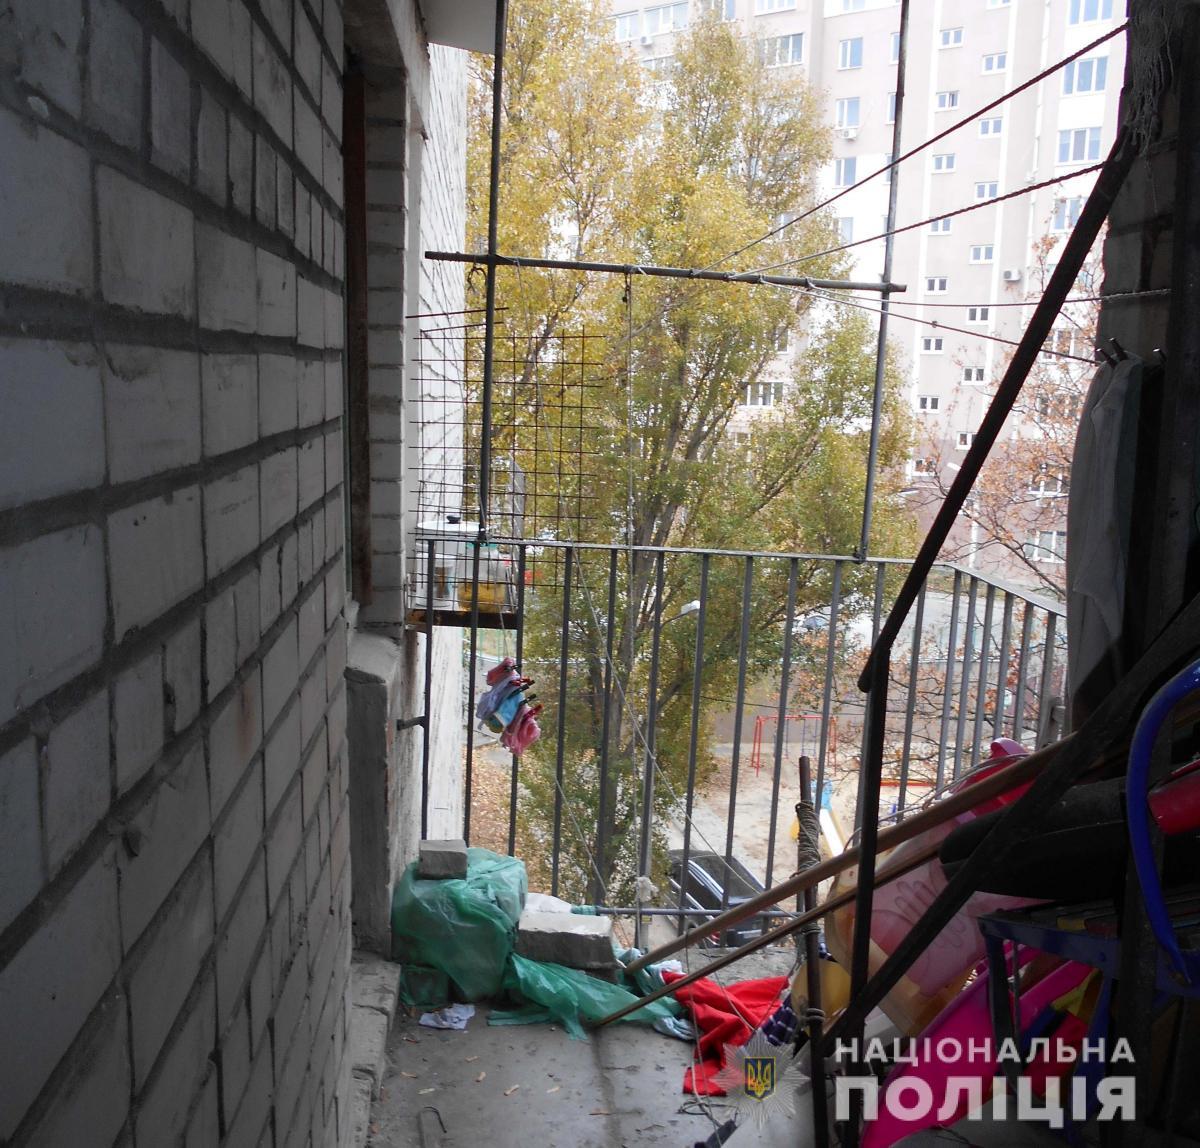 Трагедия в Харькове: на балконе повесилась 14-летняя школьница